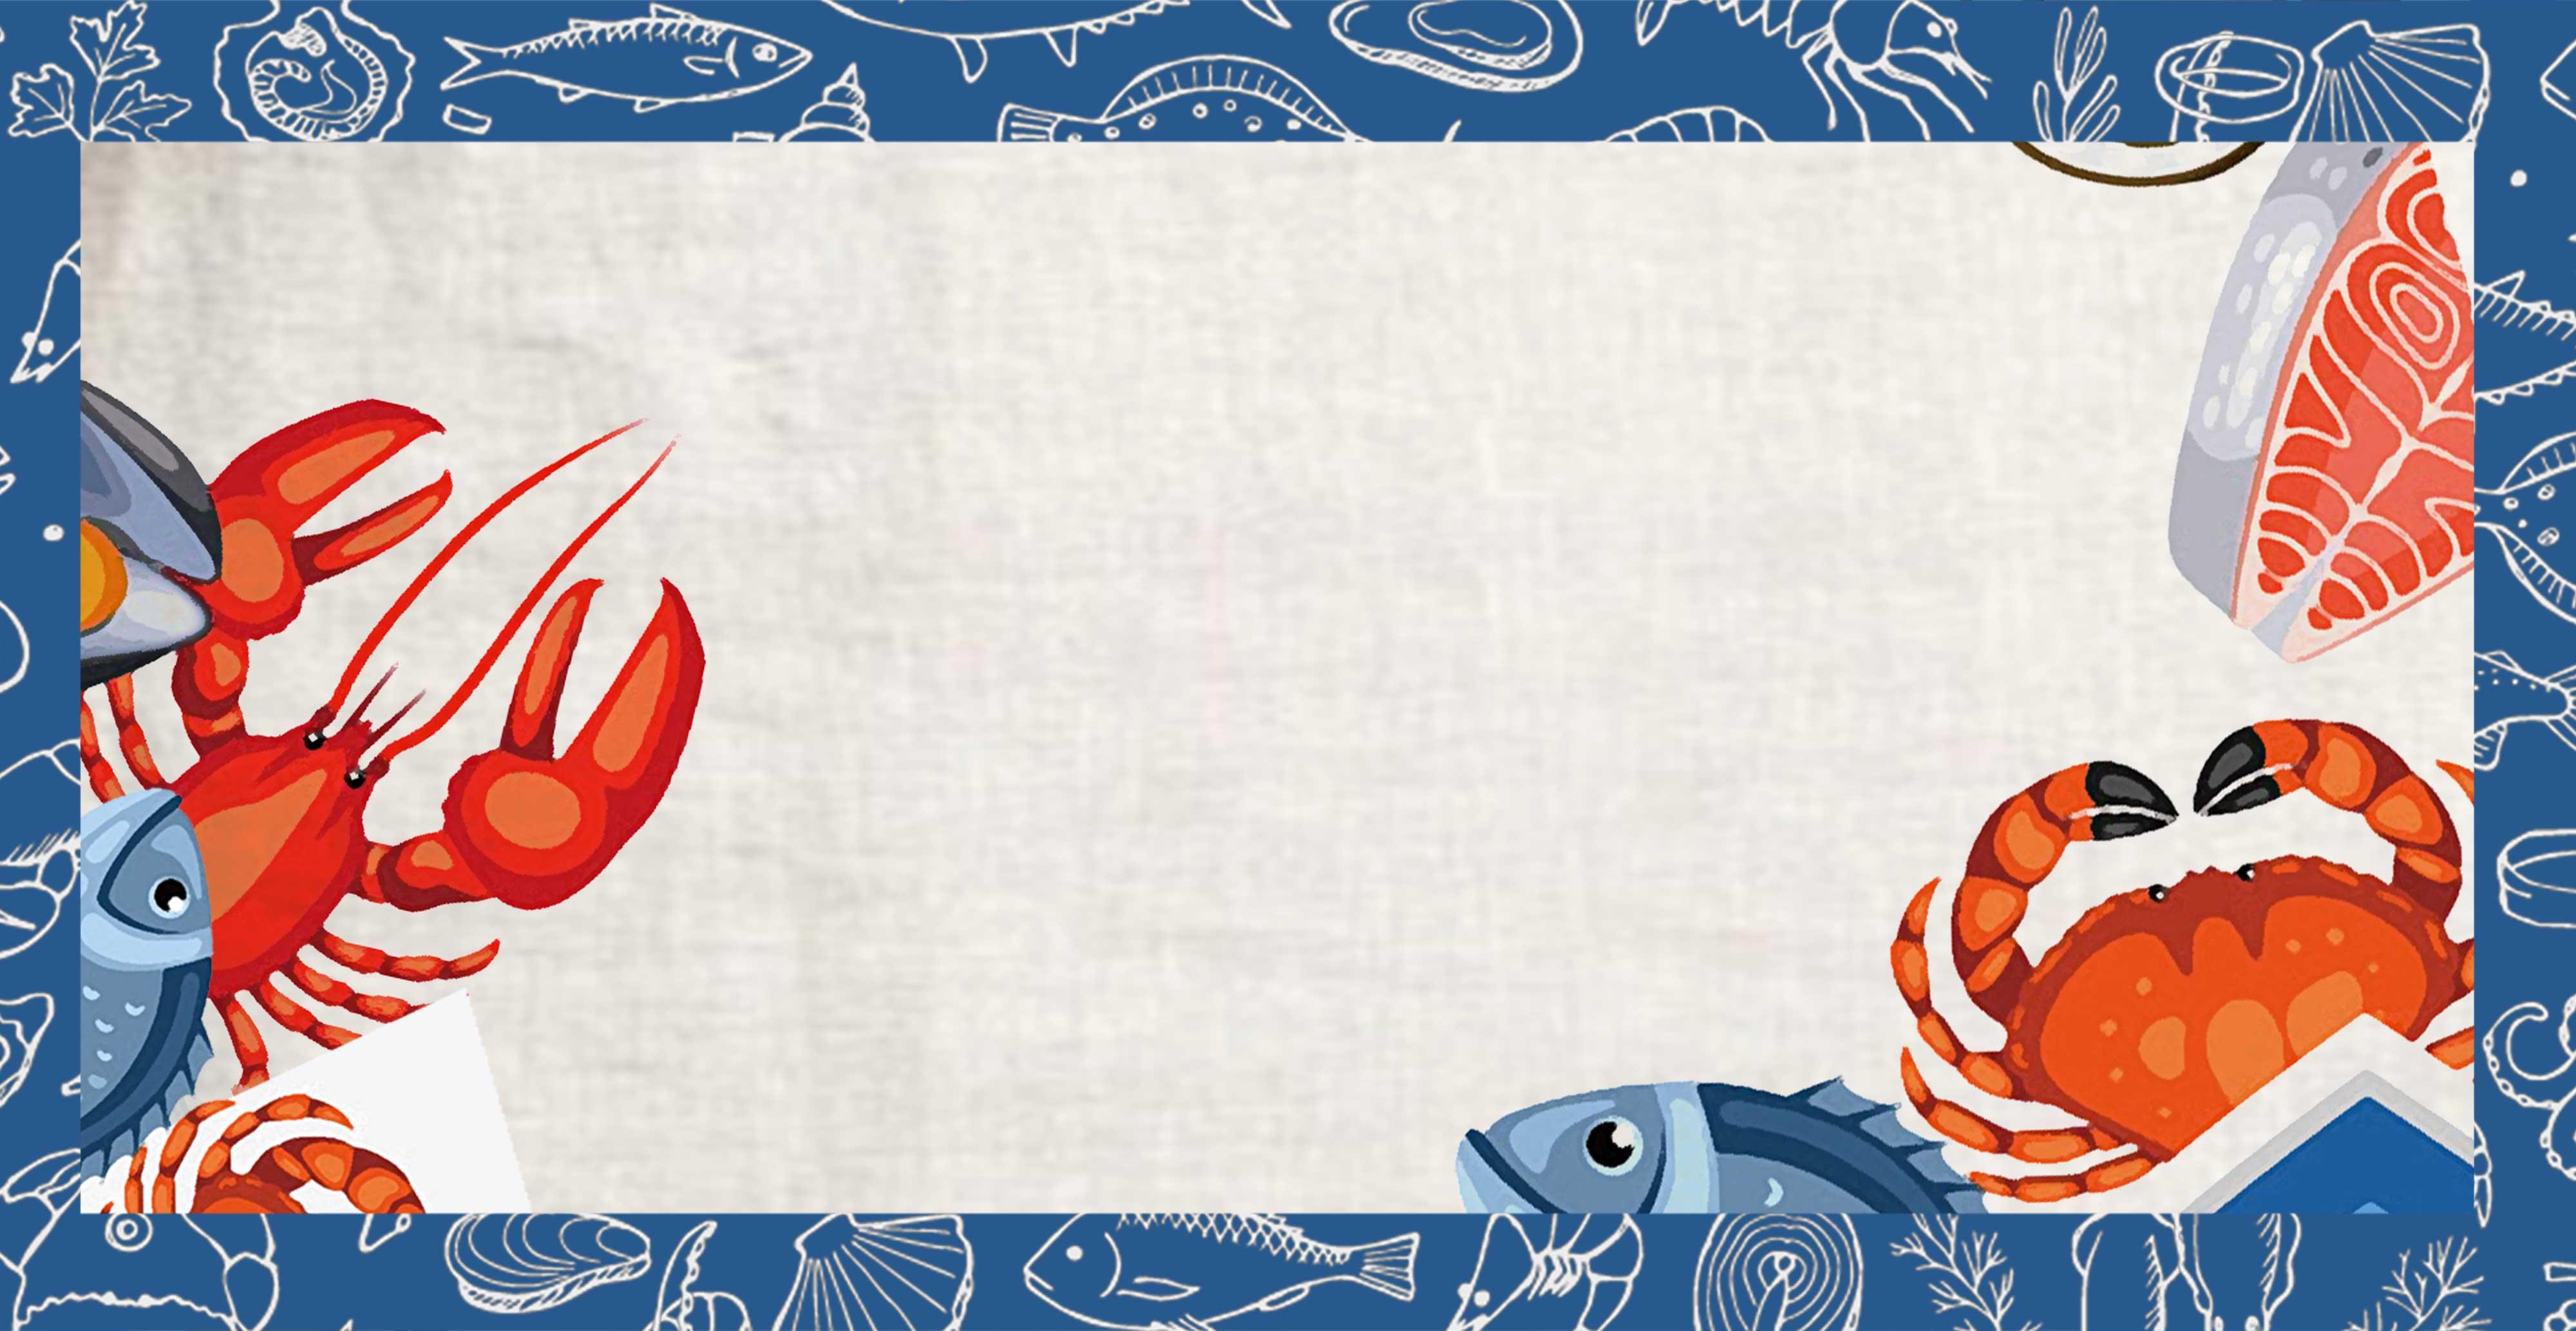 estilo chino platos de mariscos estilo chino mariscos